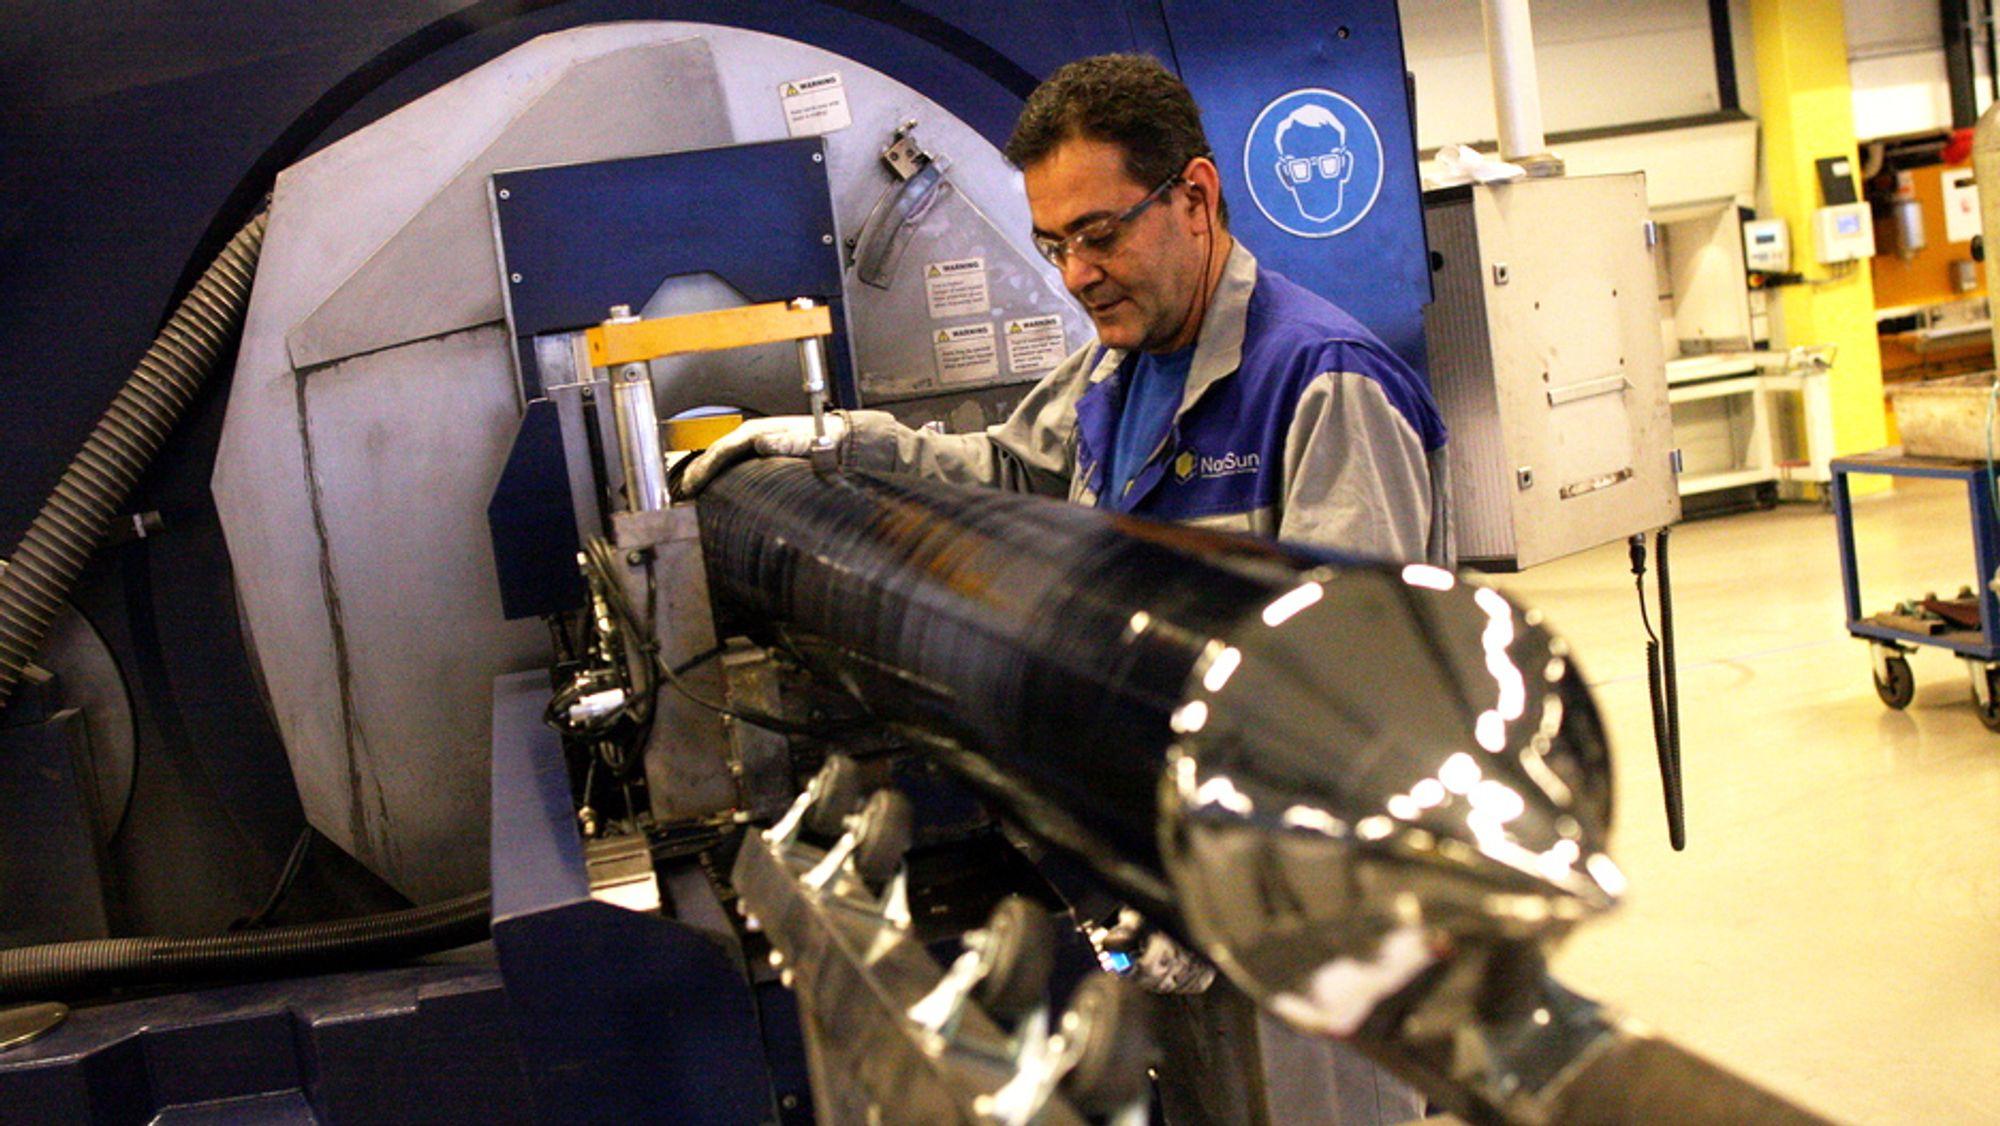 Solcelleprodusenten Norsun planlegger å tidoble produksjonen de neste årene. Arkivbilde.